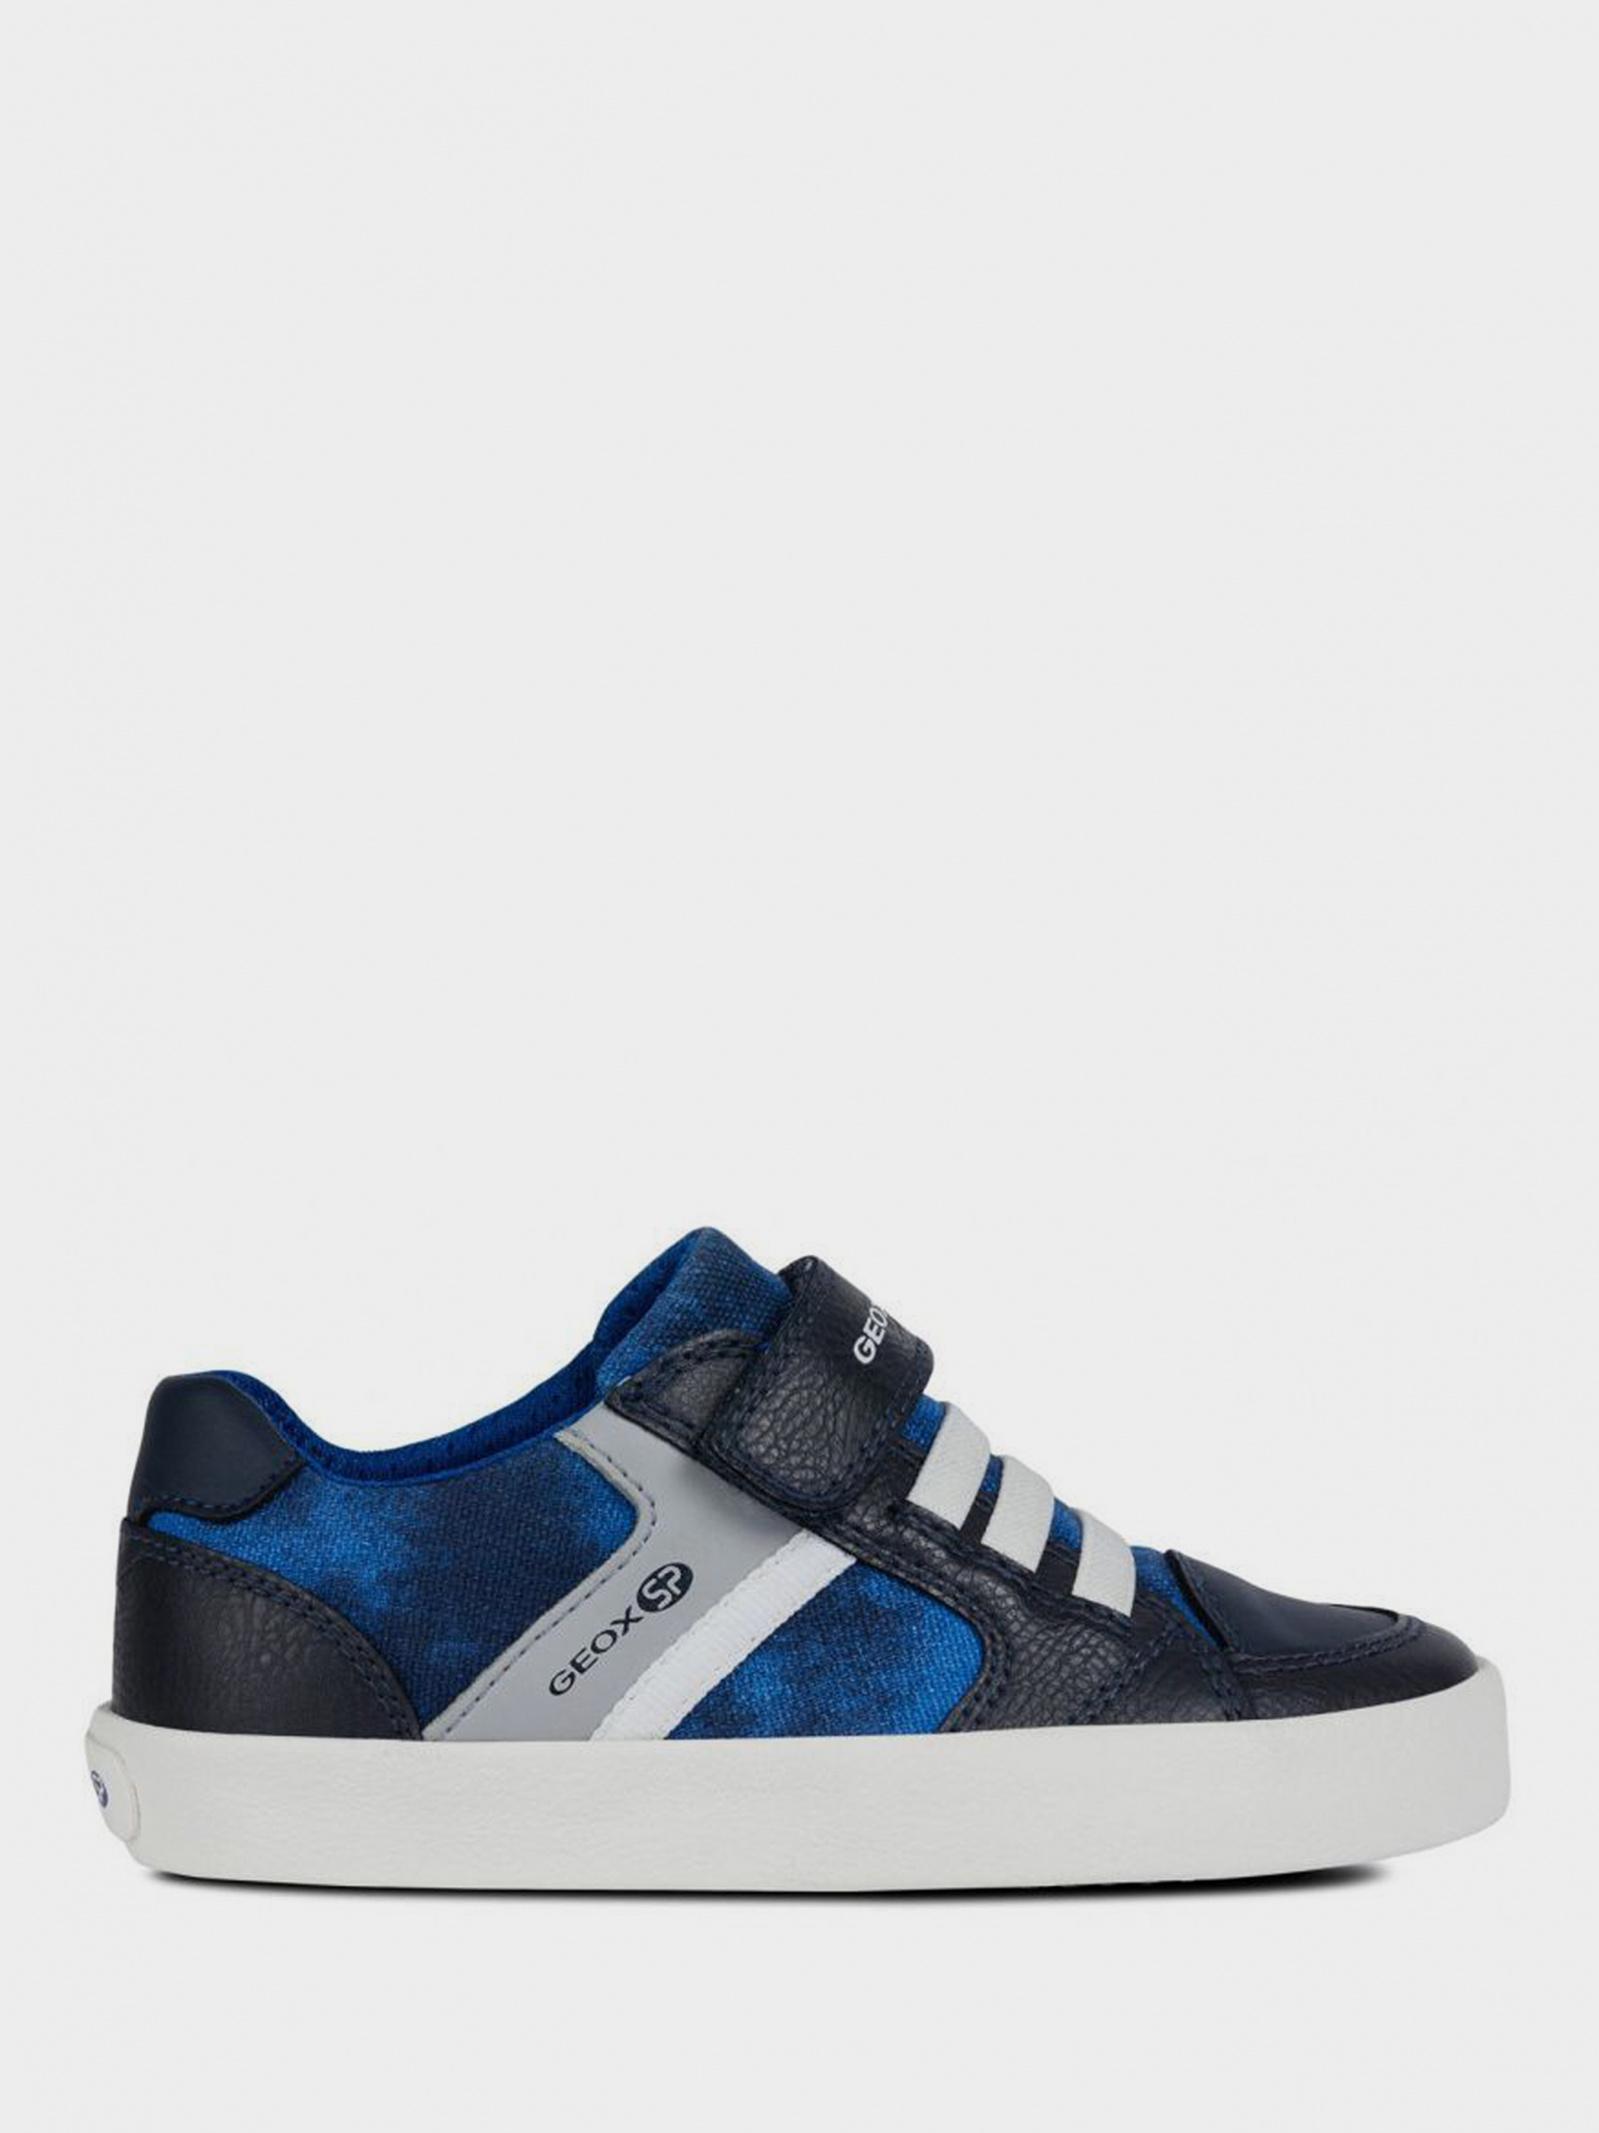 Полуботинки детские Geox J GISLI BOY XK6126 купить обувь, 2017